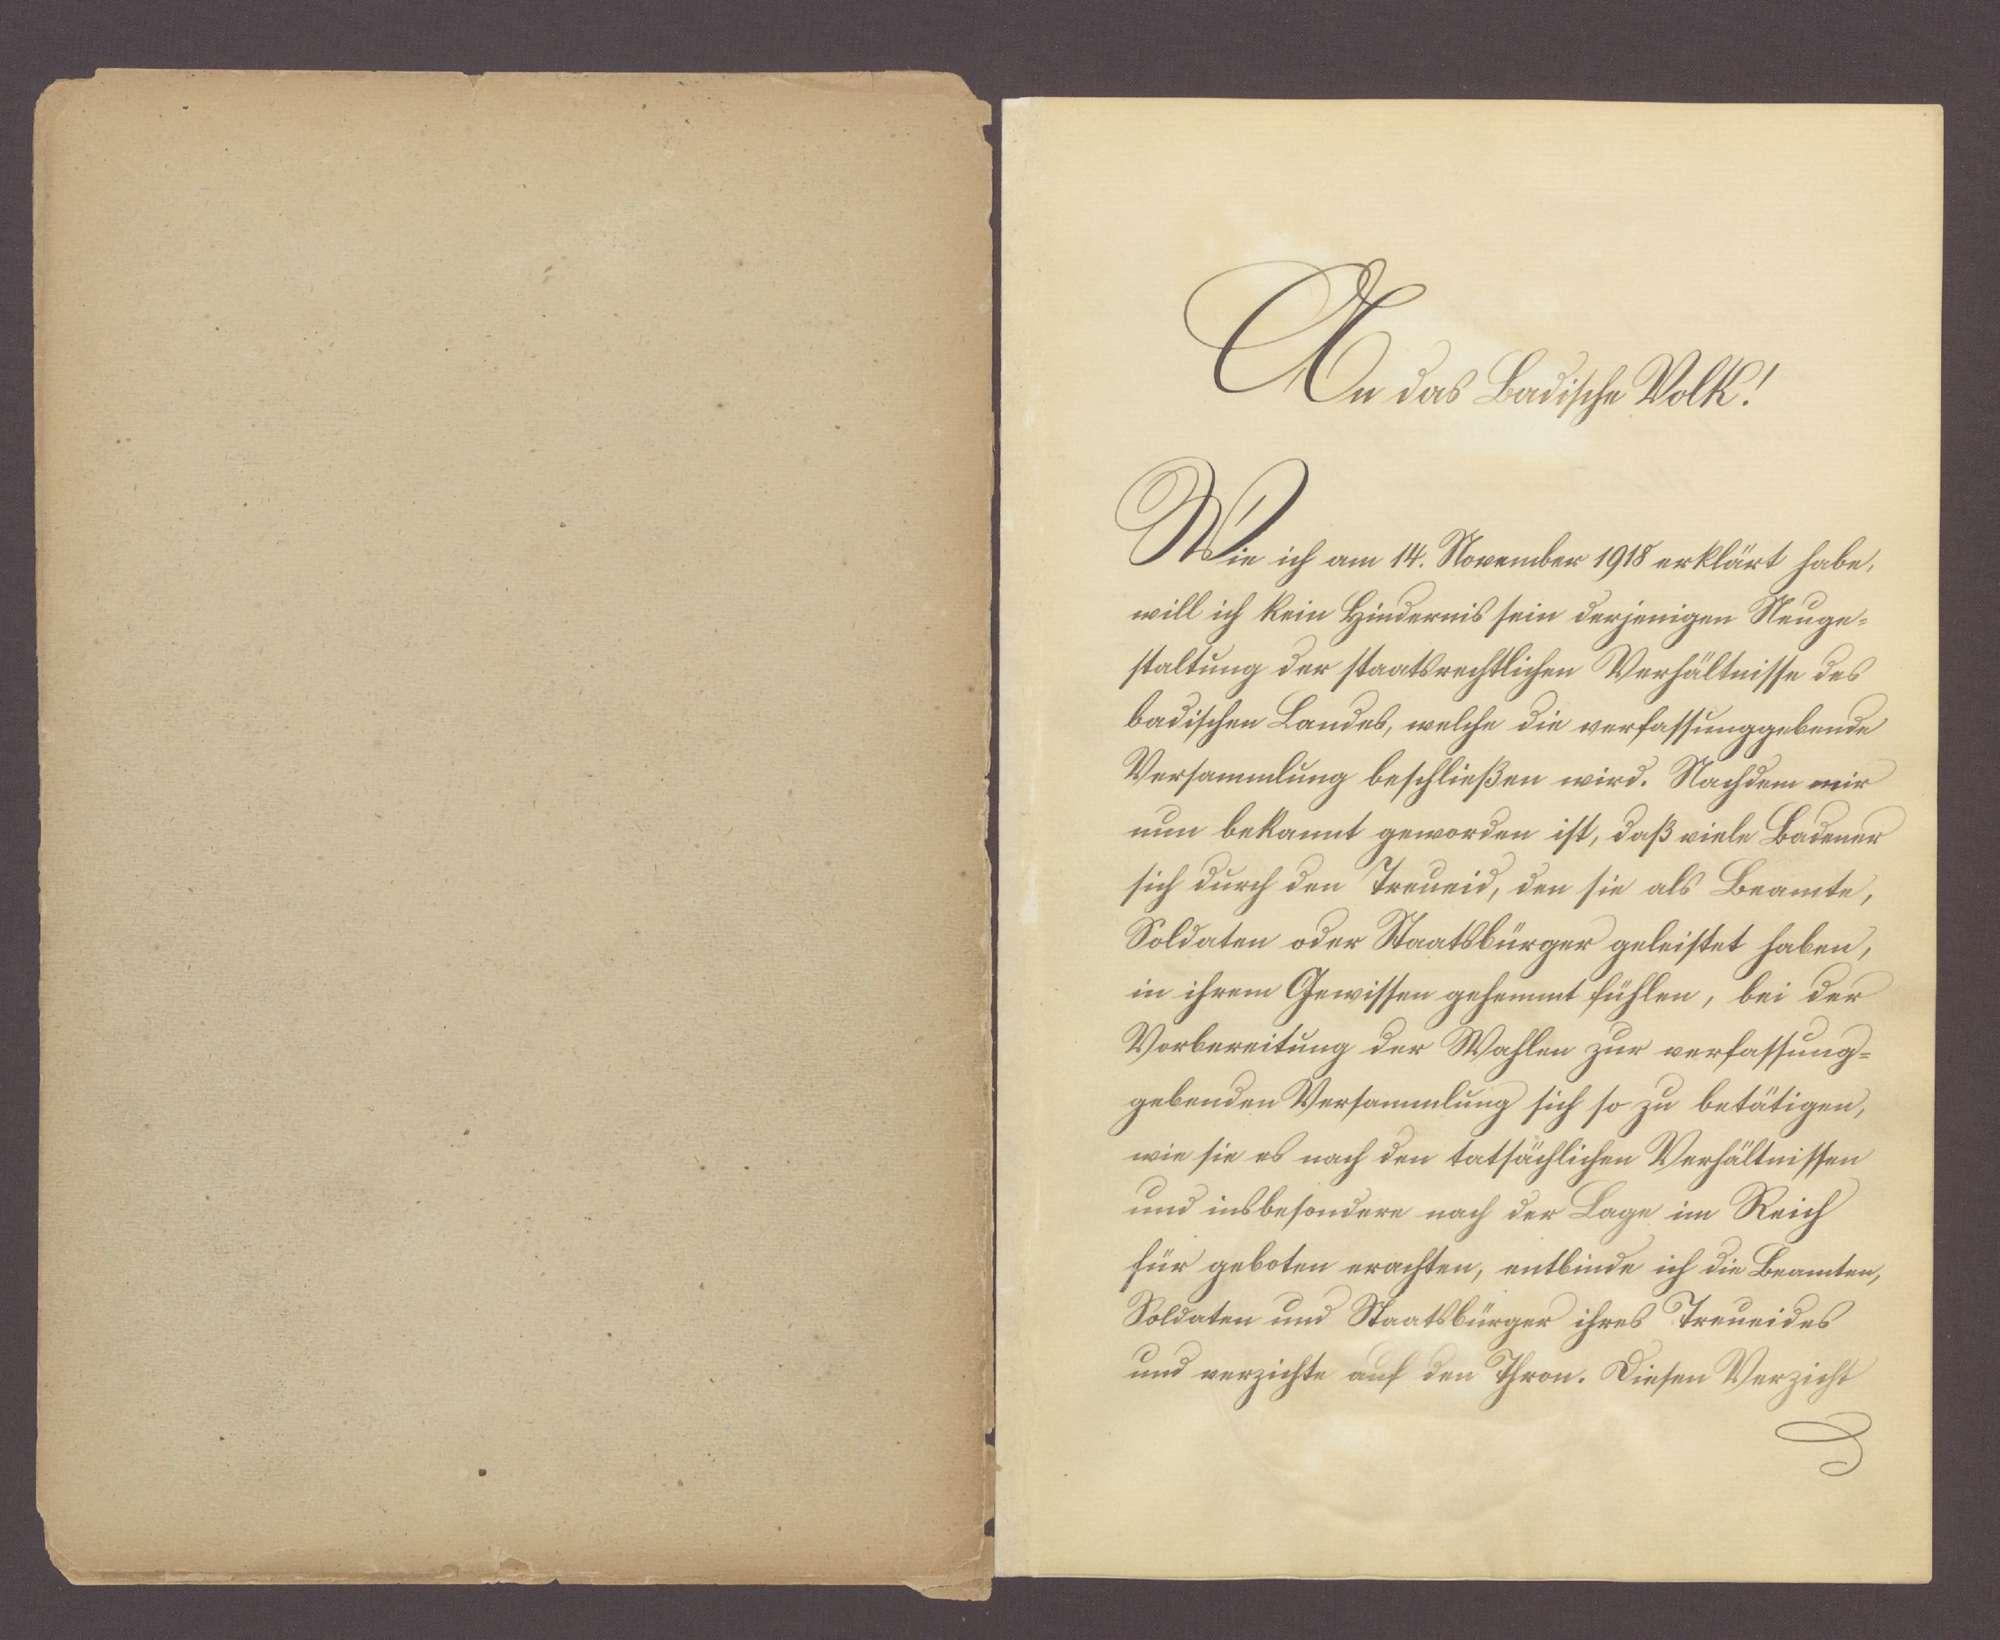 Urkunde über den Thronverzicht Seiner Königlichen Hoheit des Großherzogs Friedrich und Seiner Großherzoglichen Hoheit des Prinzen Max von Baden (22. November 1918), Bild 3